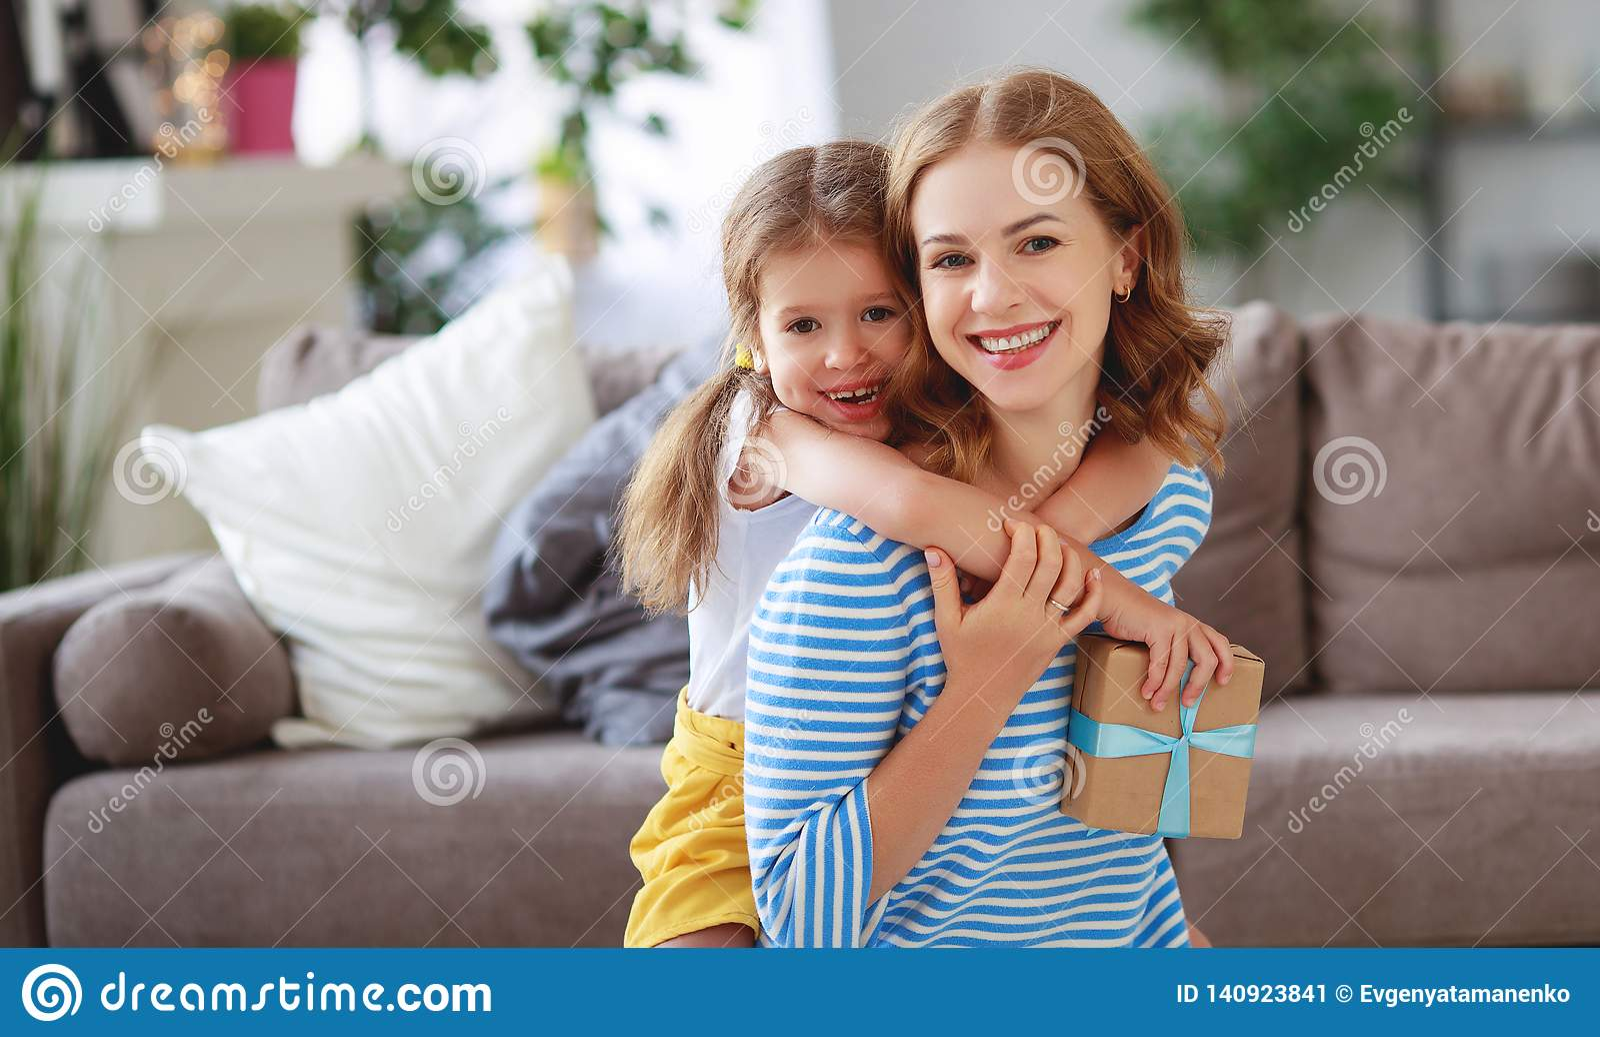 Glücklicher Muttertag! Kindertochter gibt Mutter einen Blumenstrauß von Blumen zur Tulpe und zum Geschenk